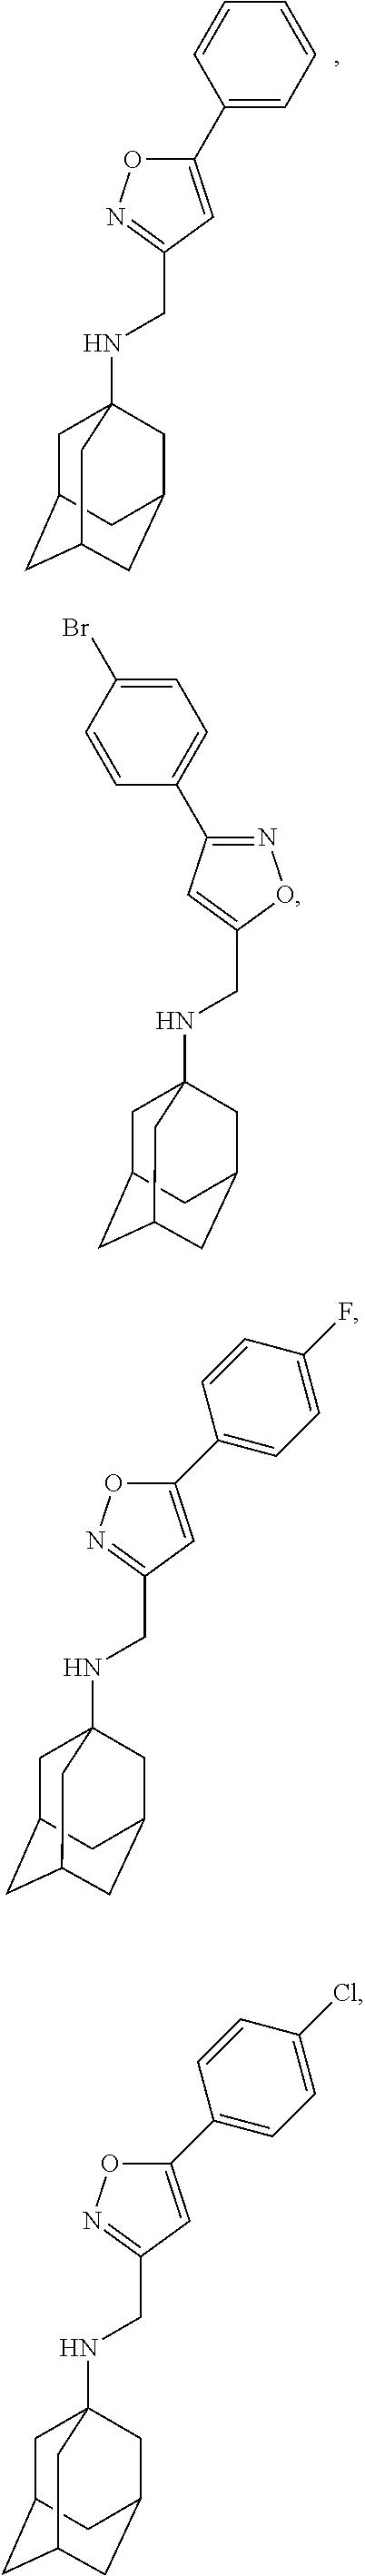 Figure US09884832-20180206-C00052